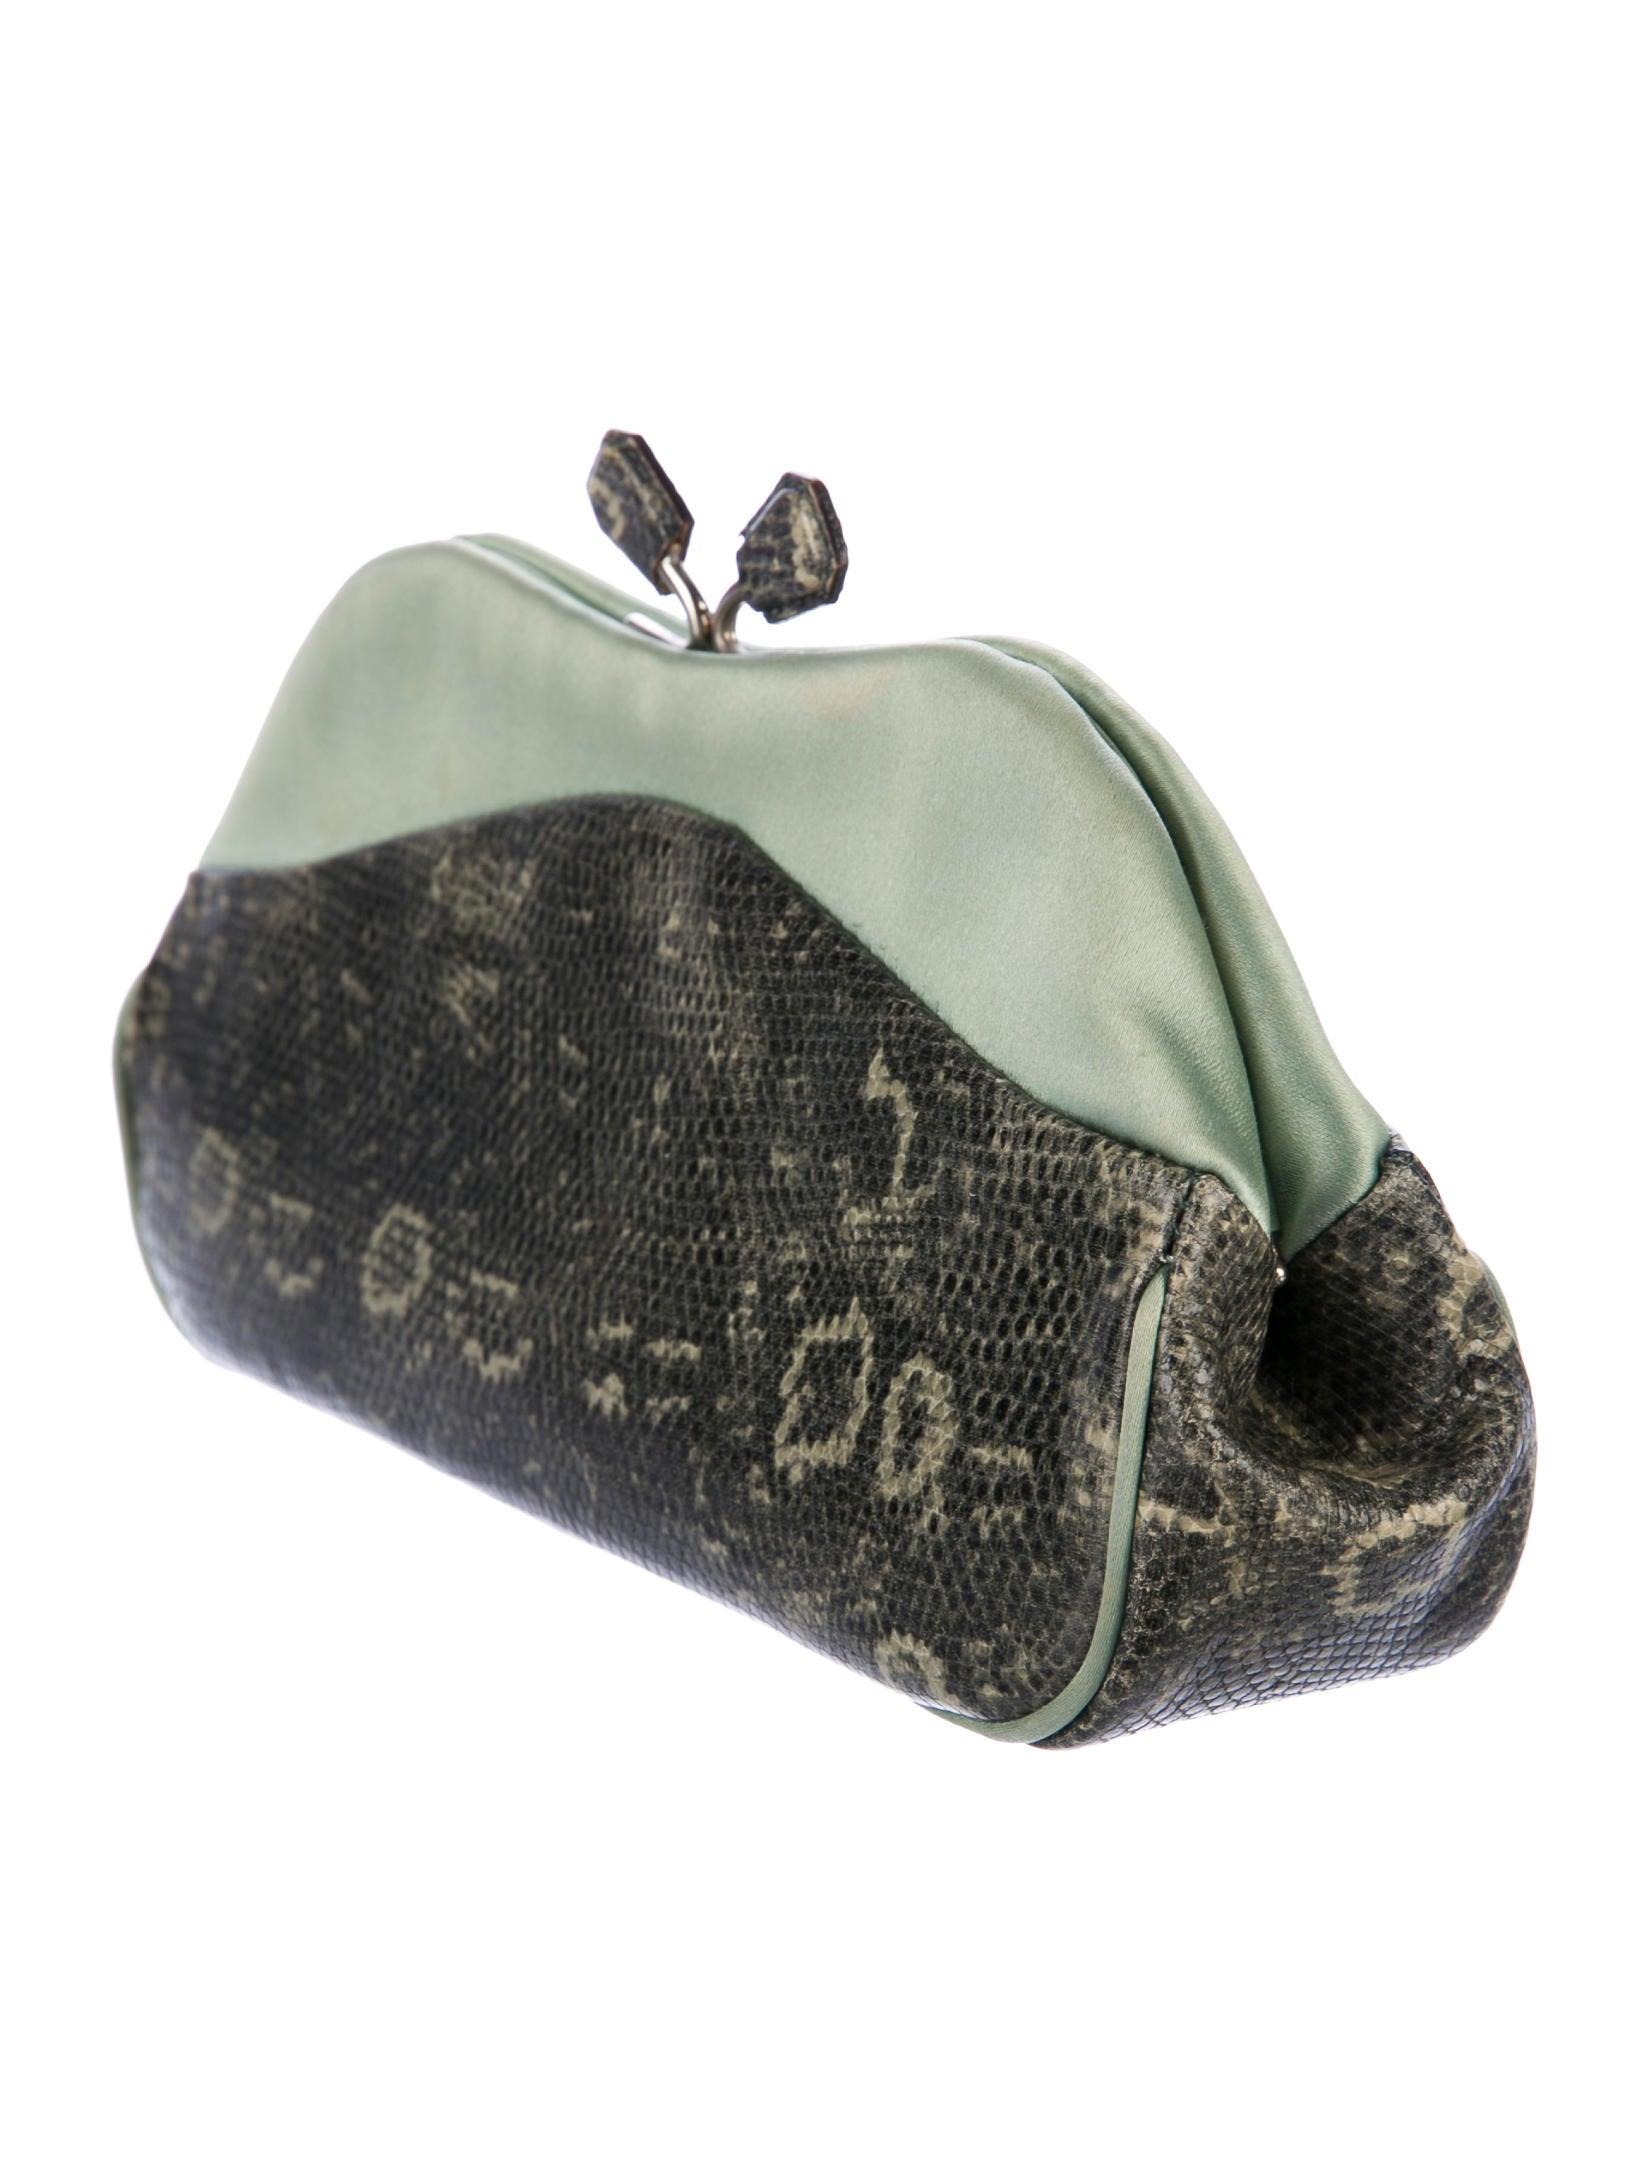 Prada Lizard Kiss-Lock Clutch - Handbags - PRA175793 | The ...